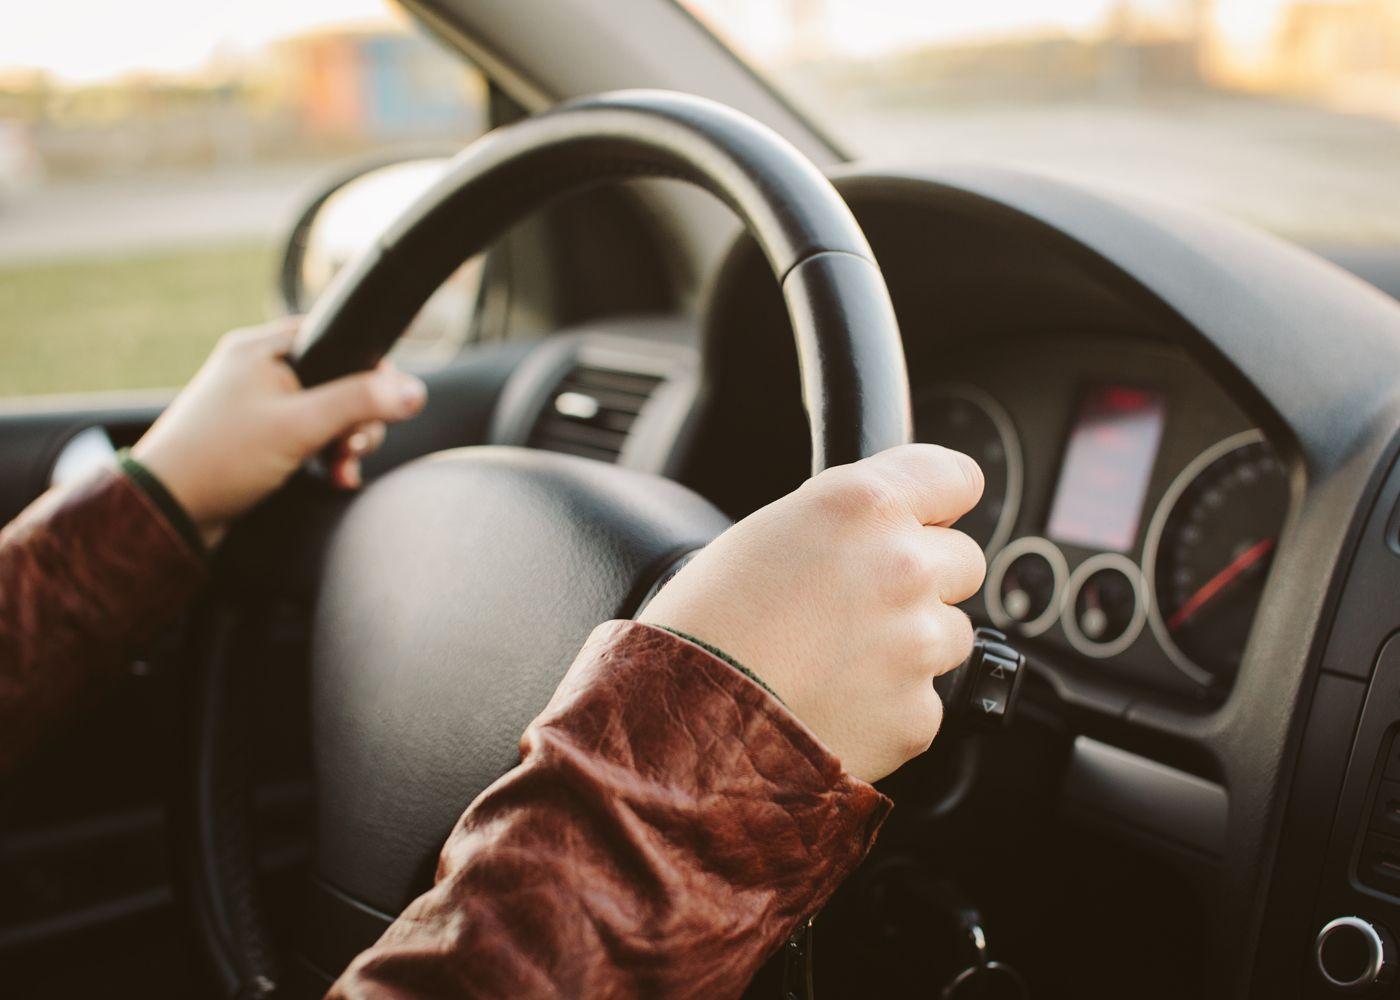 pessoa com as mãos no volante